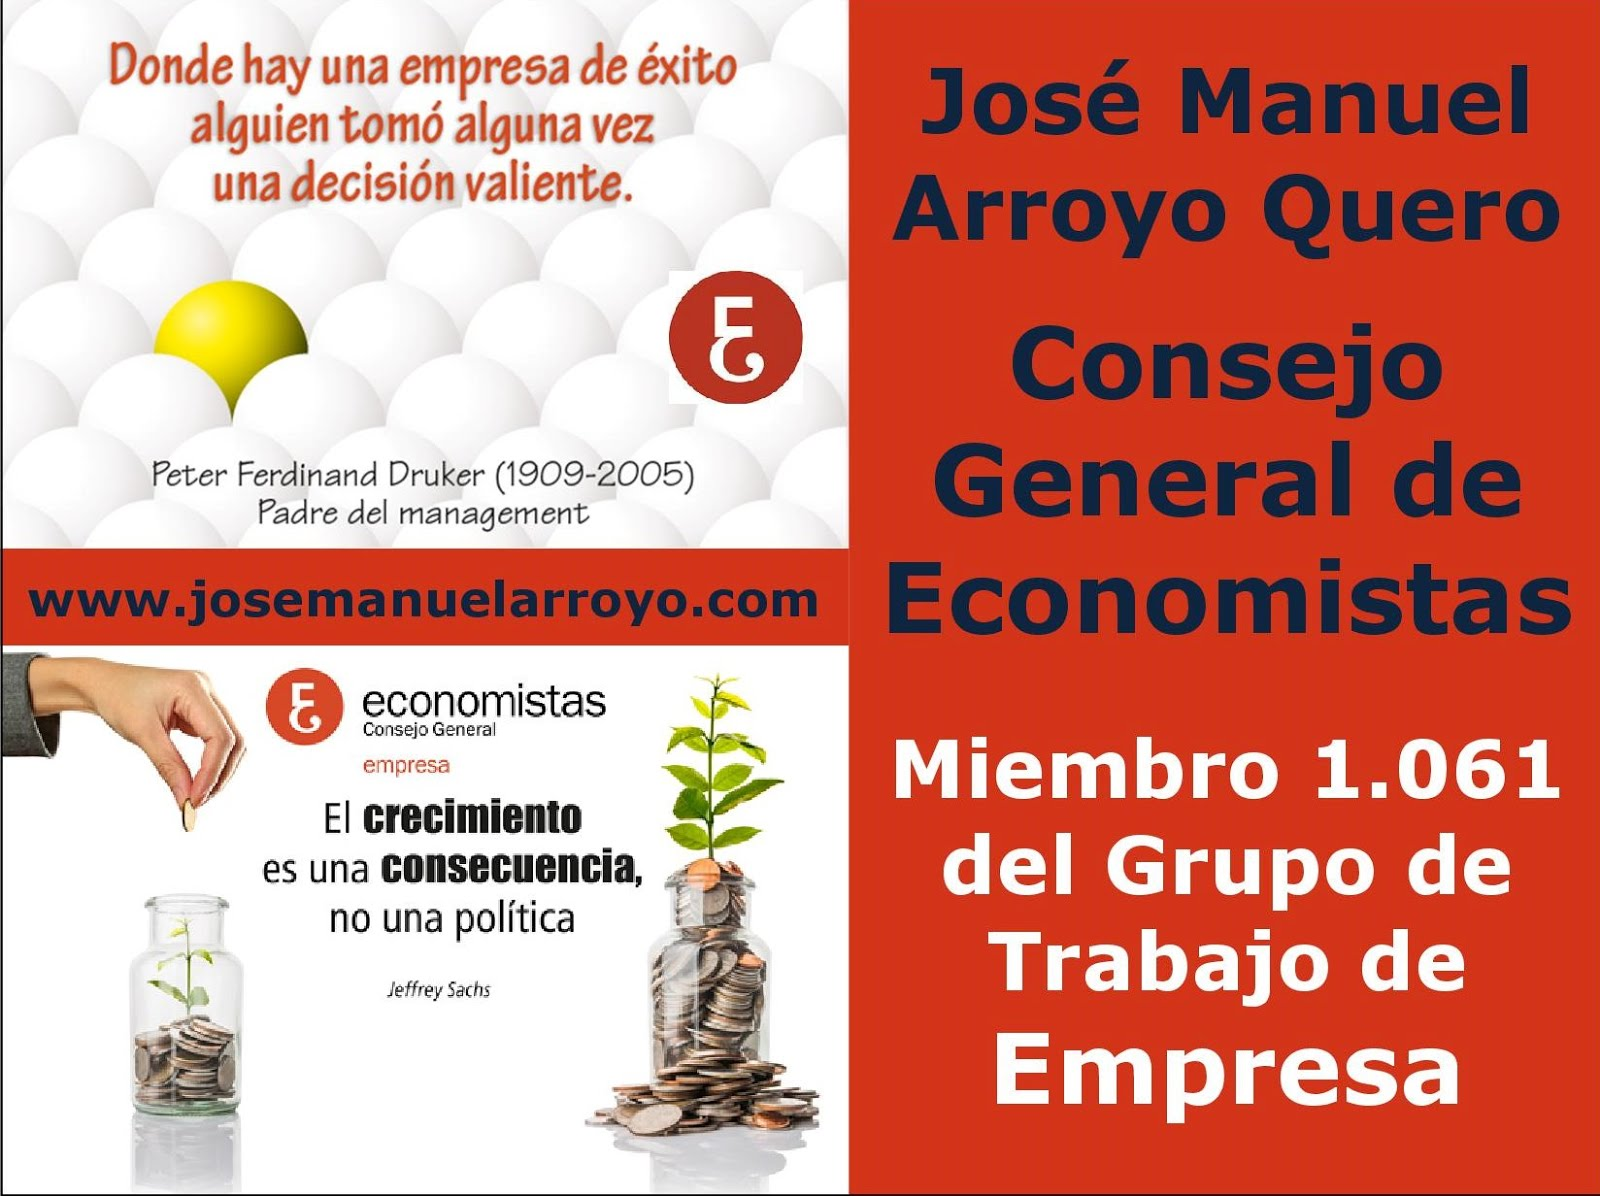 Miembro 1.061 del Grupo de Trabajo de Empresa del Consejo General de Economistas